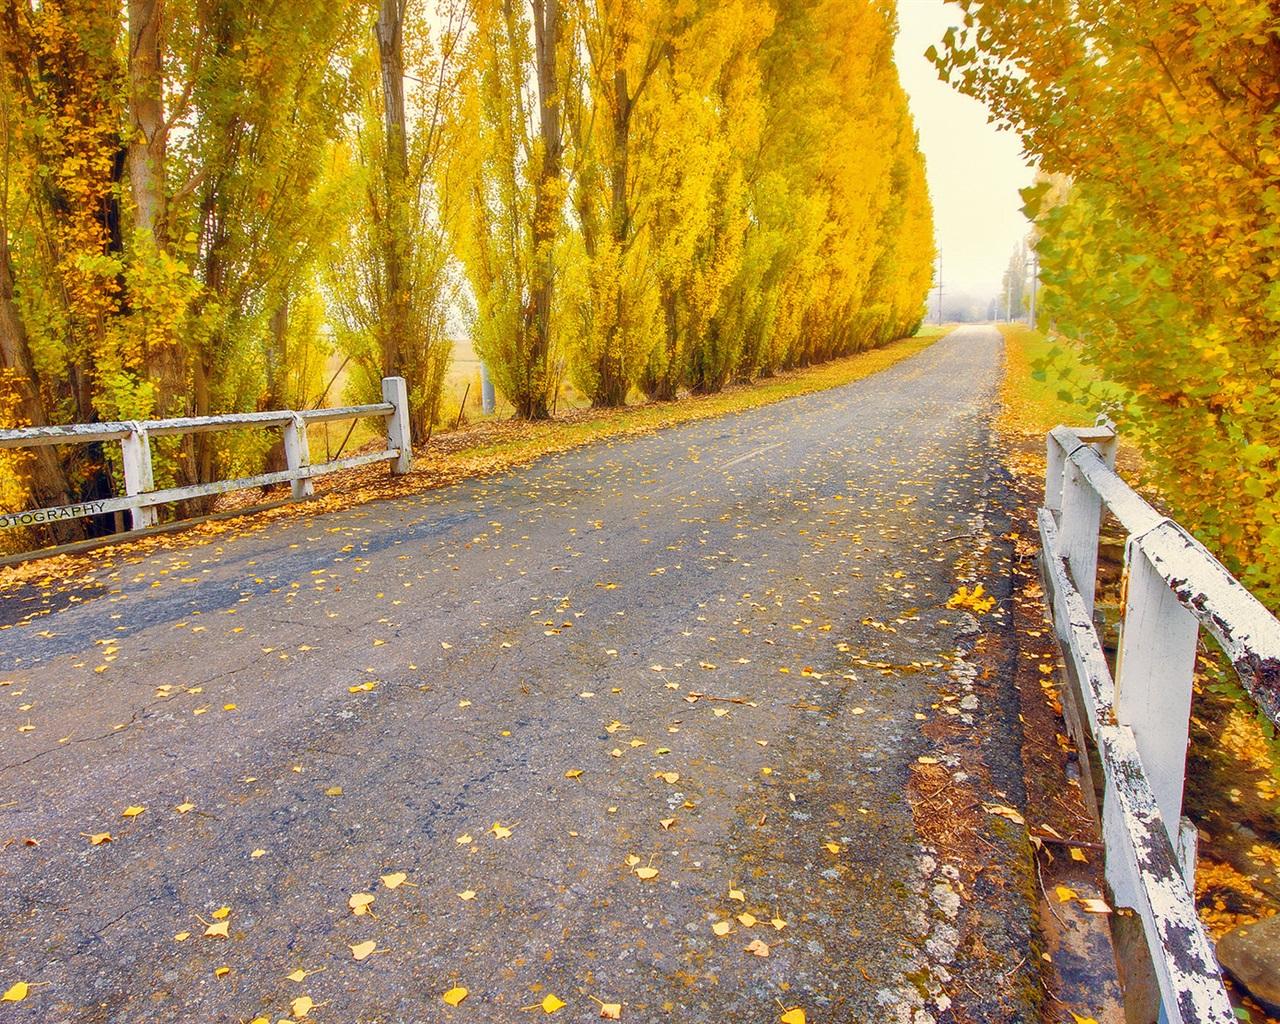 Обои желтые, асфальт, осень. Природа foto 18